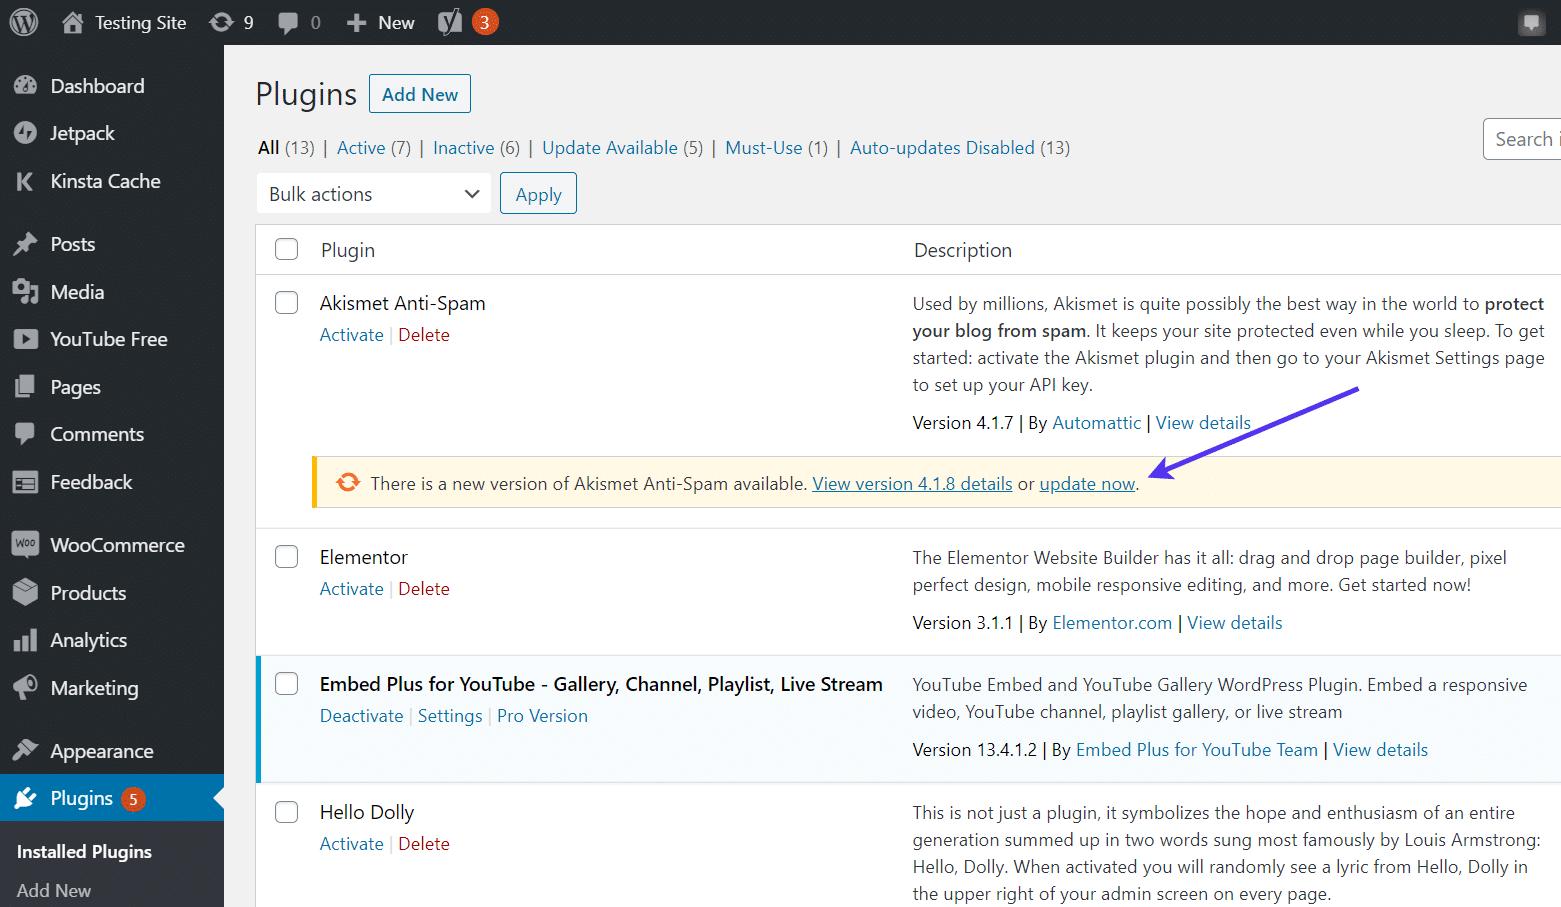 插件更新链接